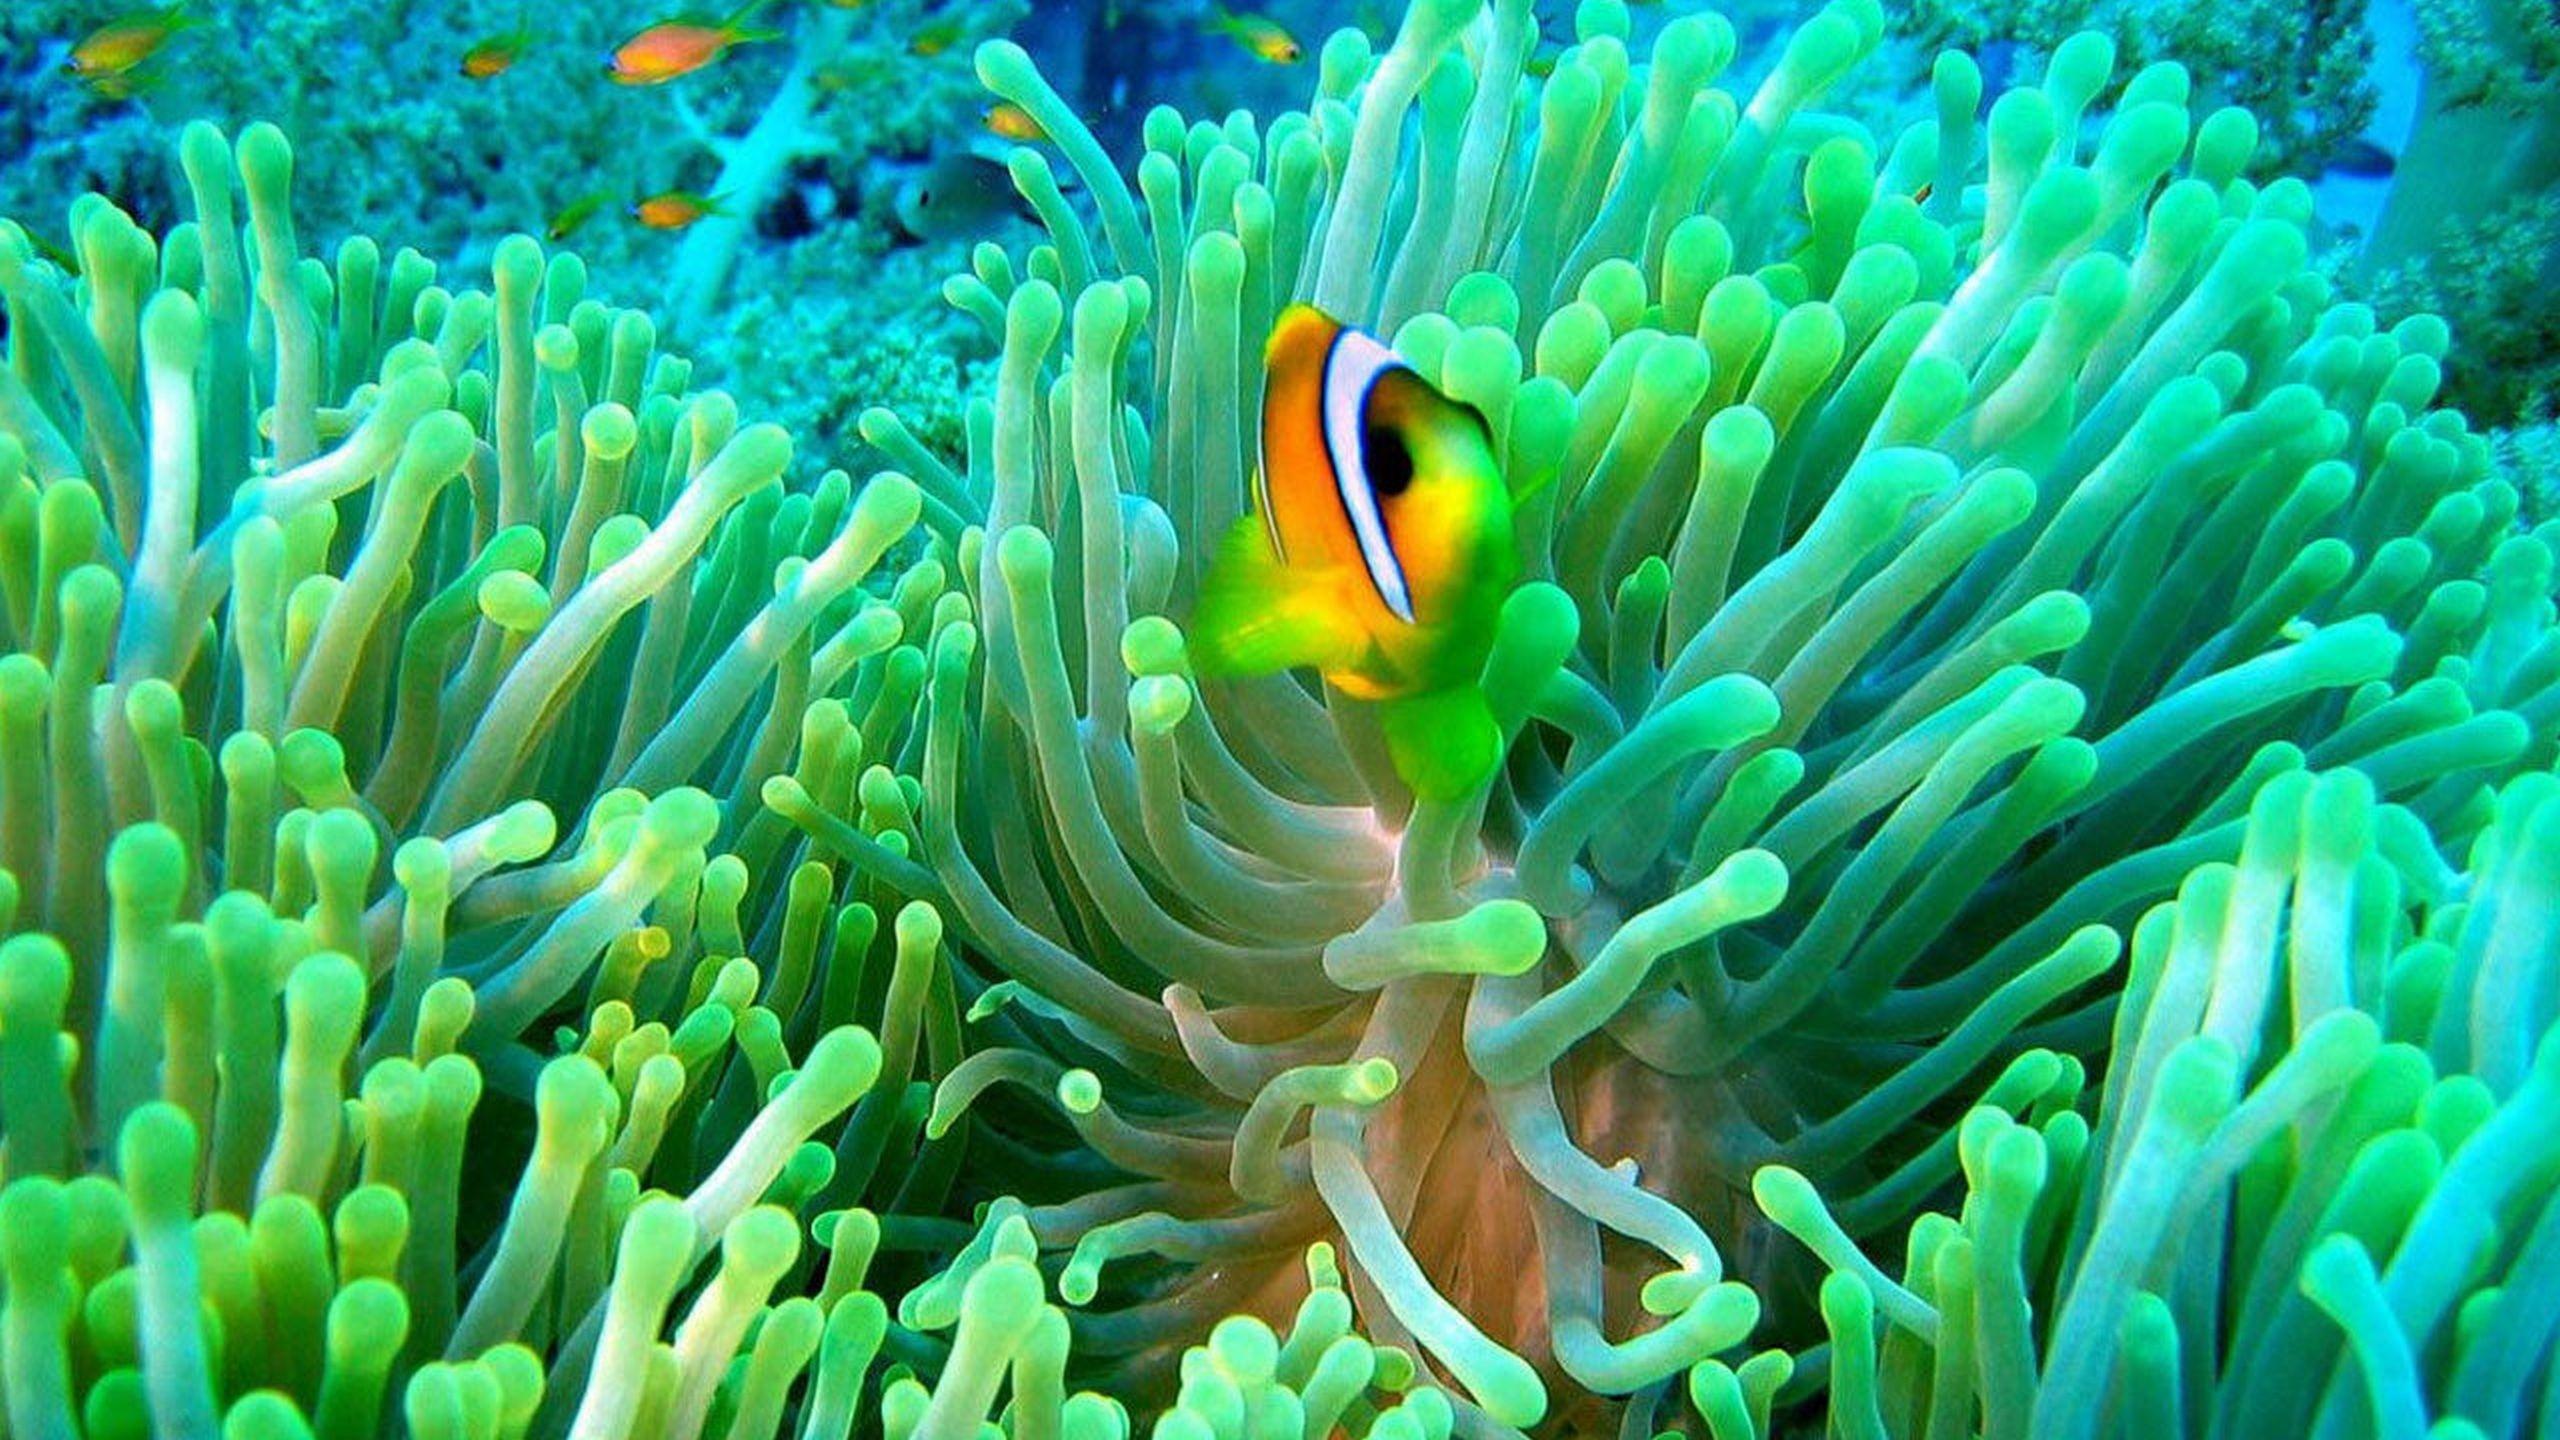 живой аквариум обои для рабочего стола скачать бесплатно